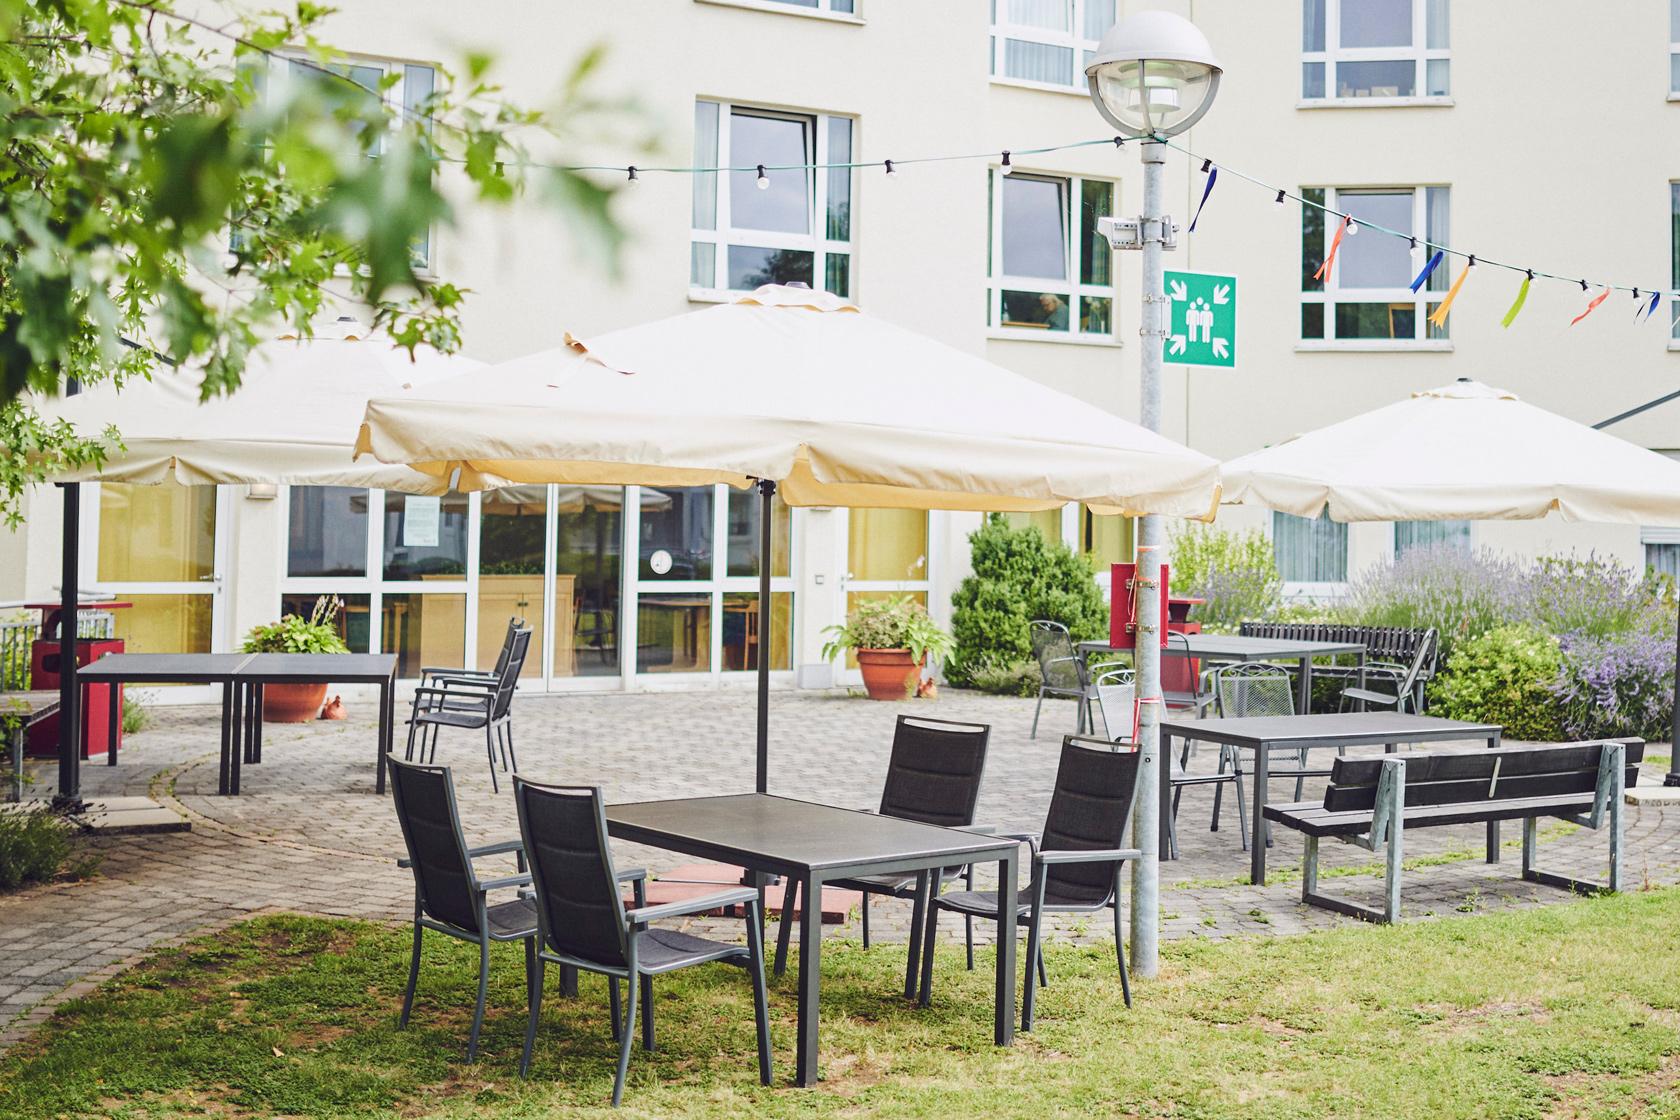 Tisch, Stühle und Sonnenschirme im Innenhof, Johanniter-Stift Duisburg